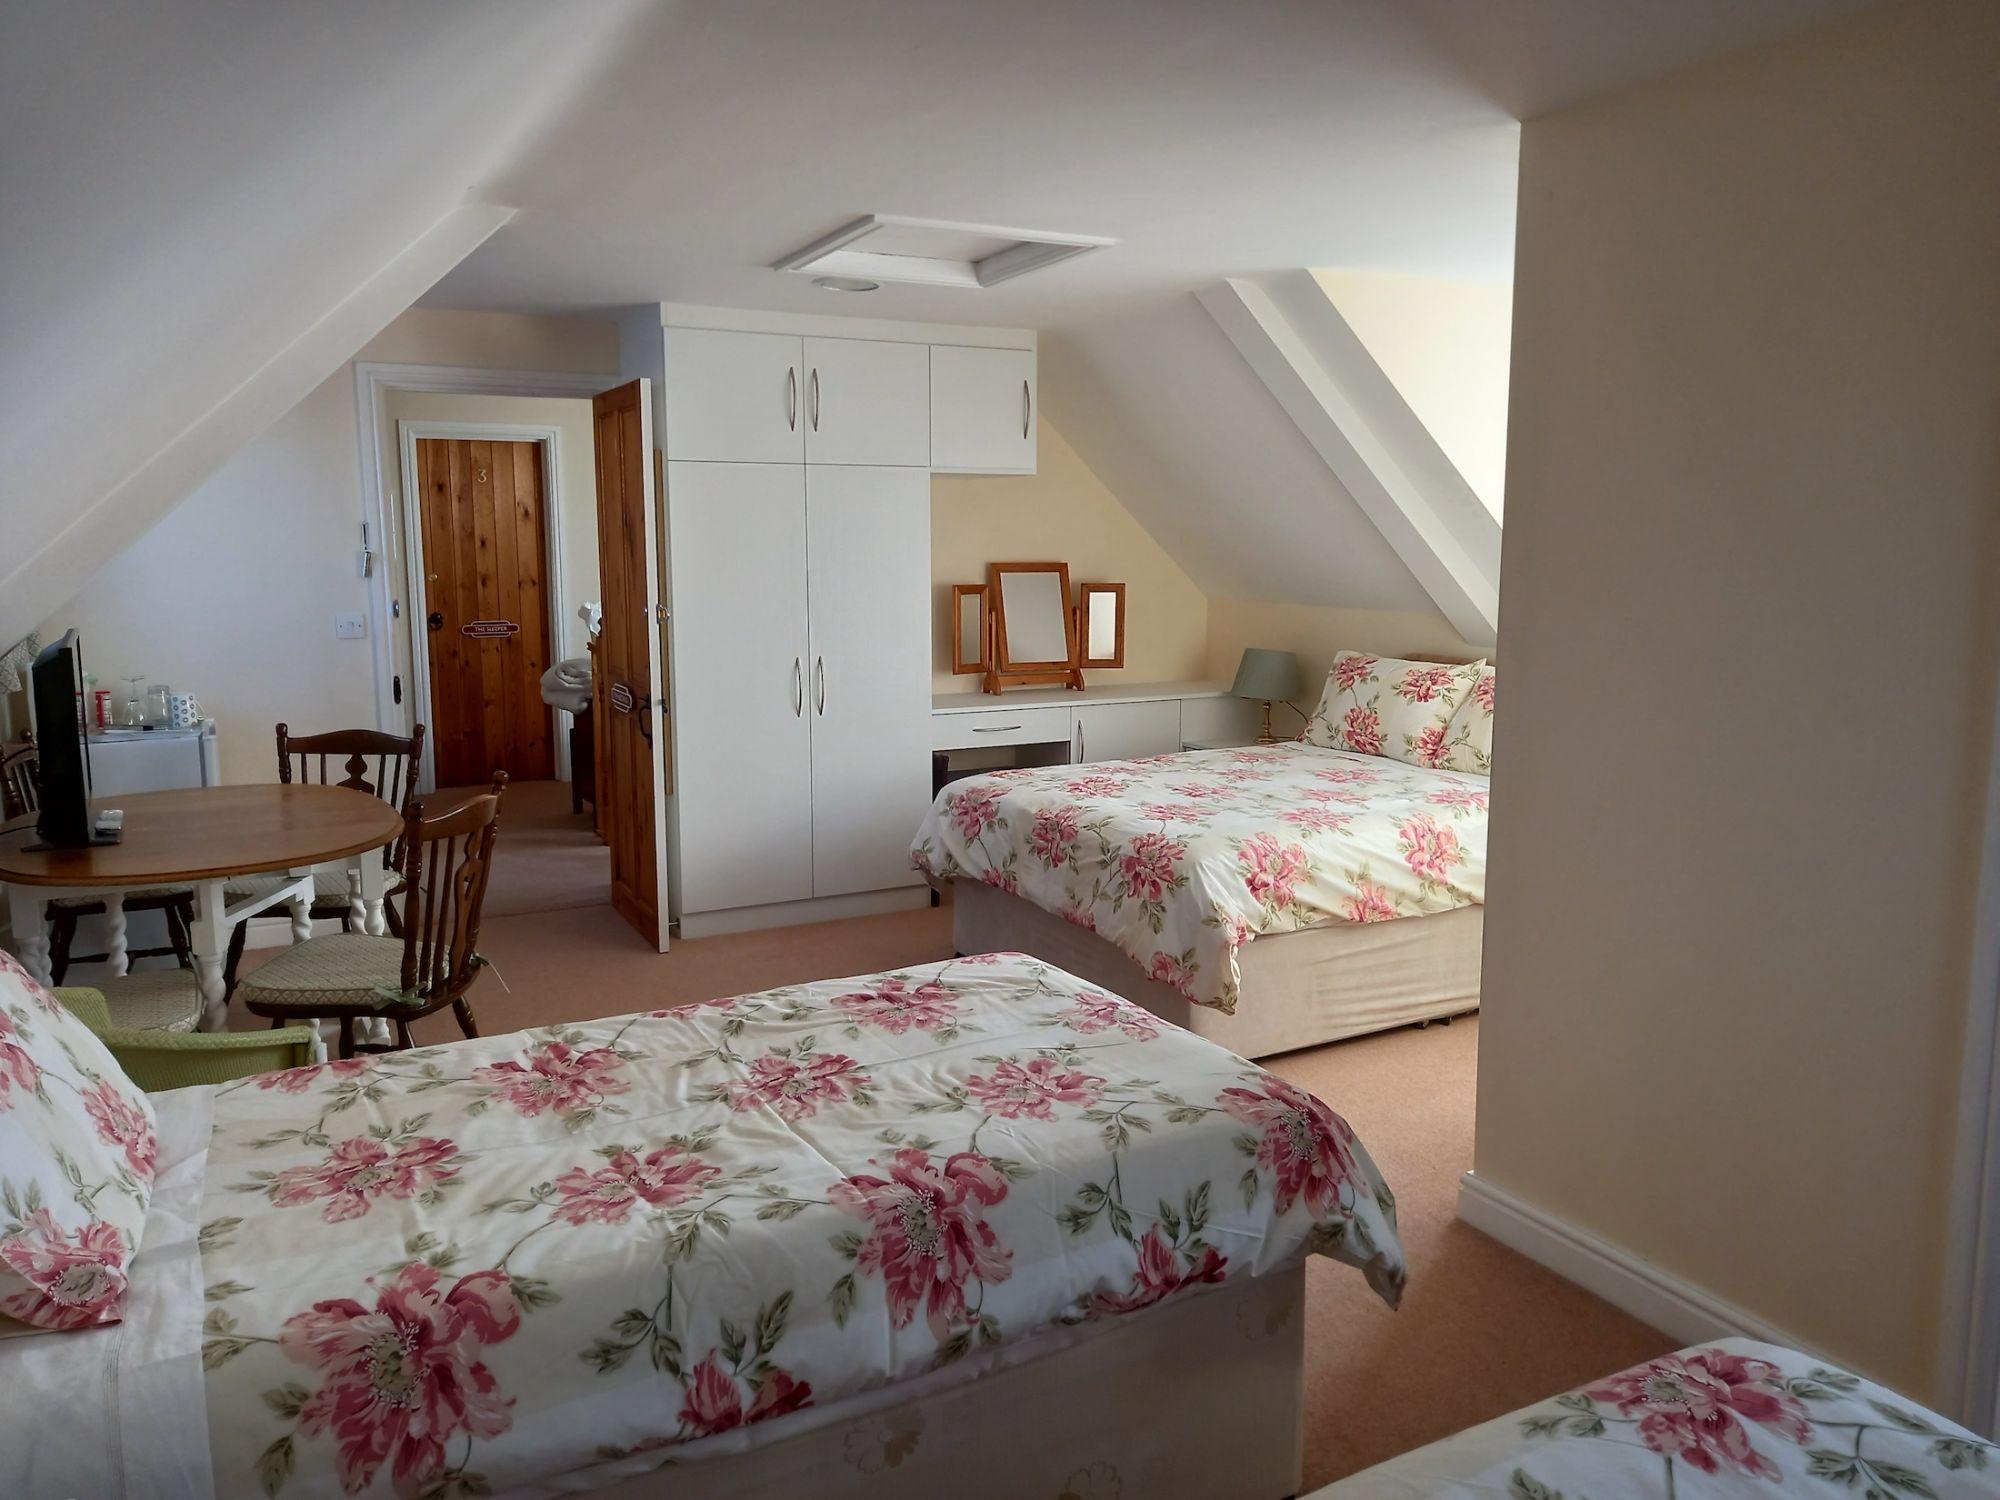 Bedroom  in The Beeching room